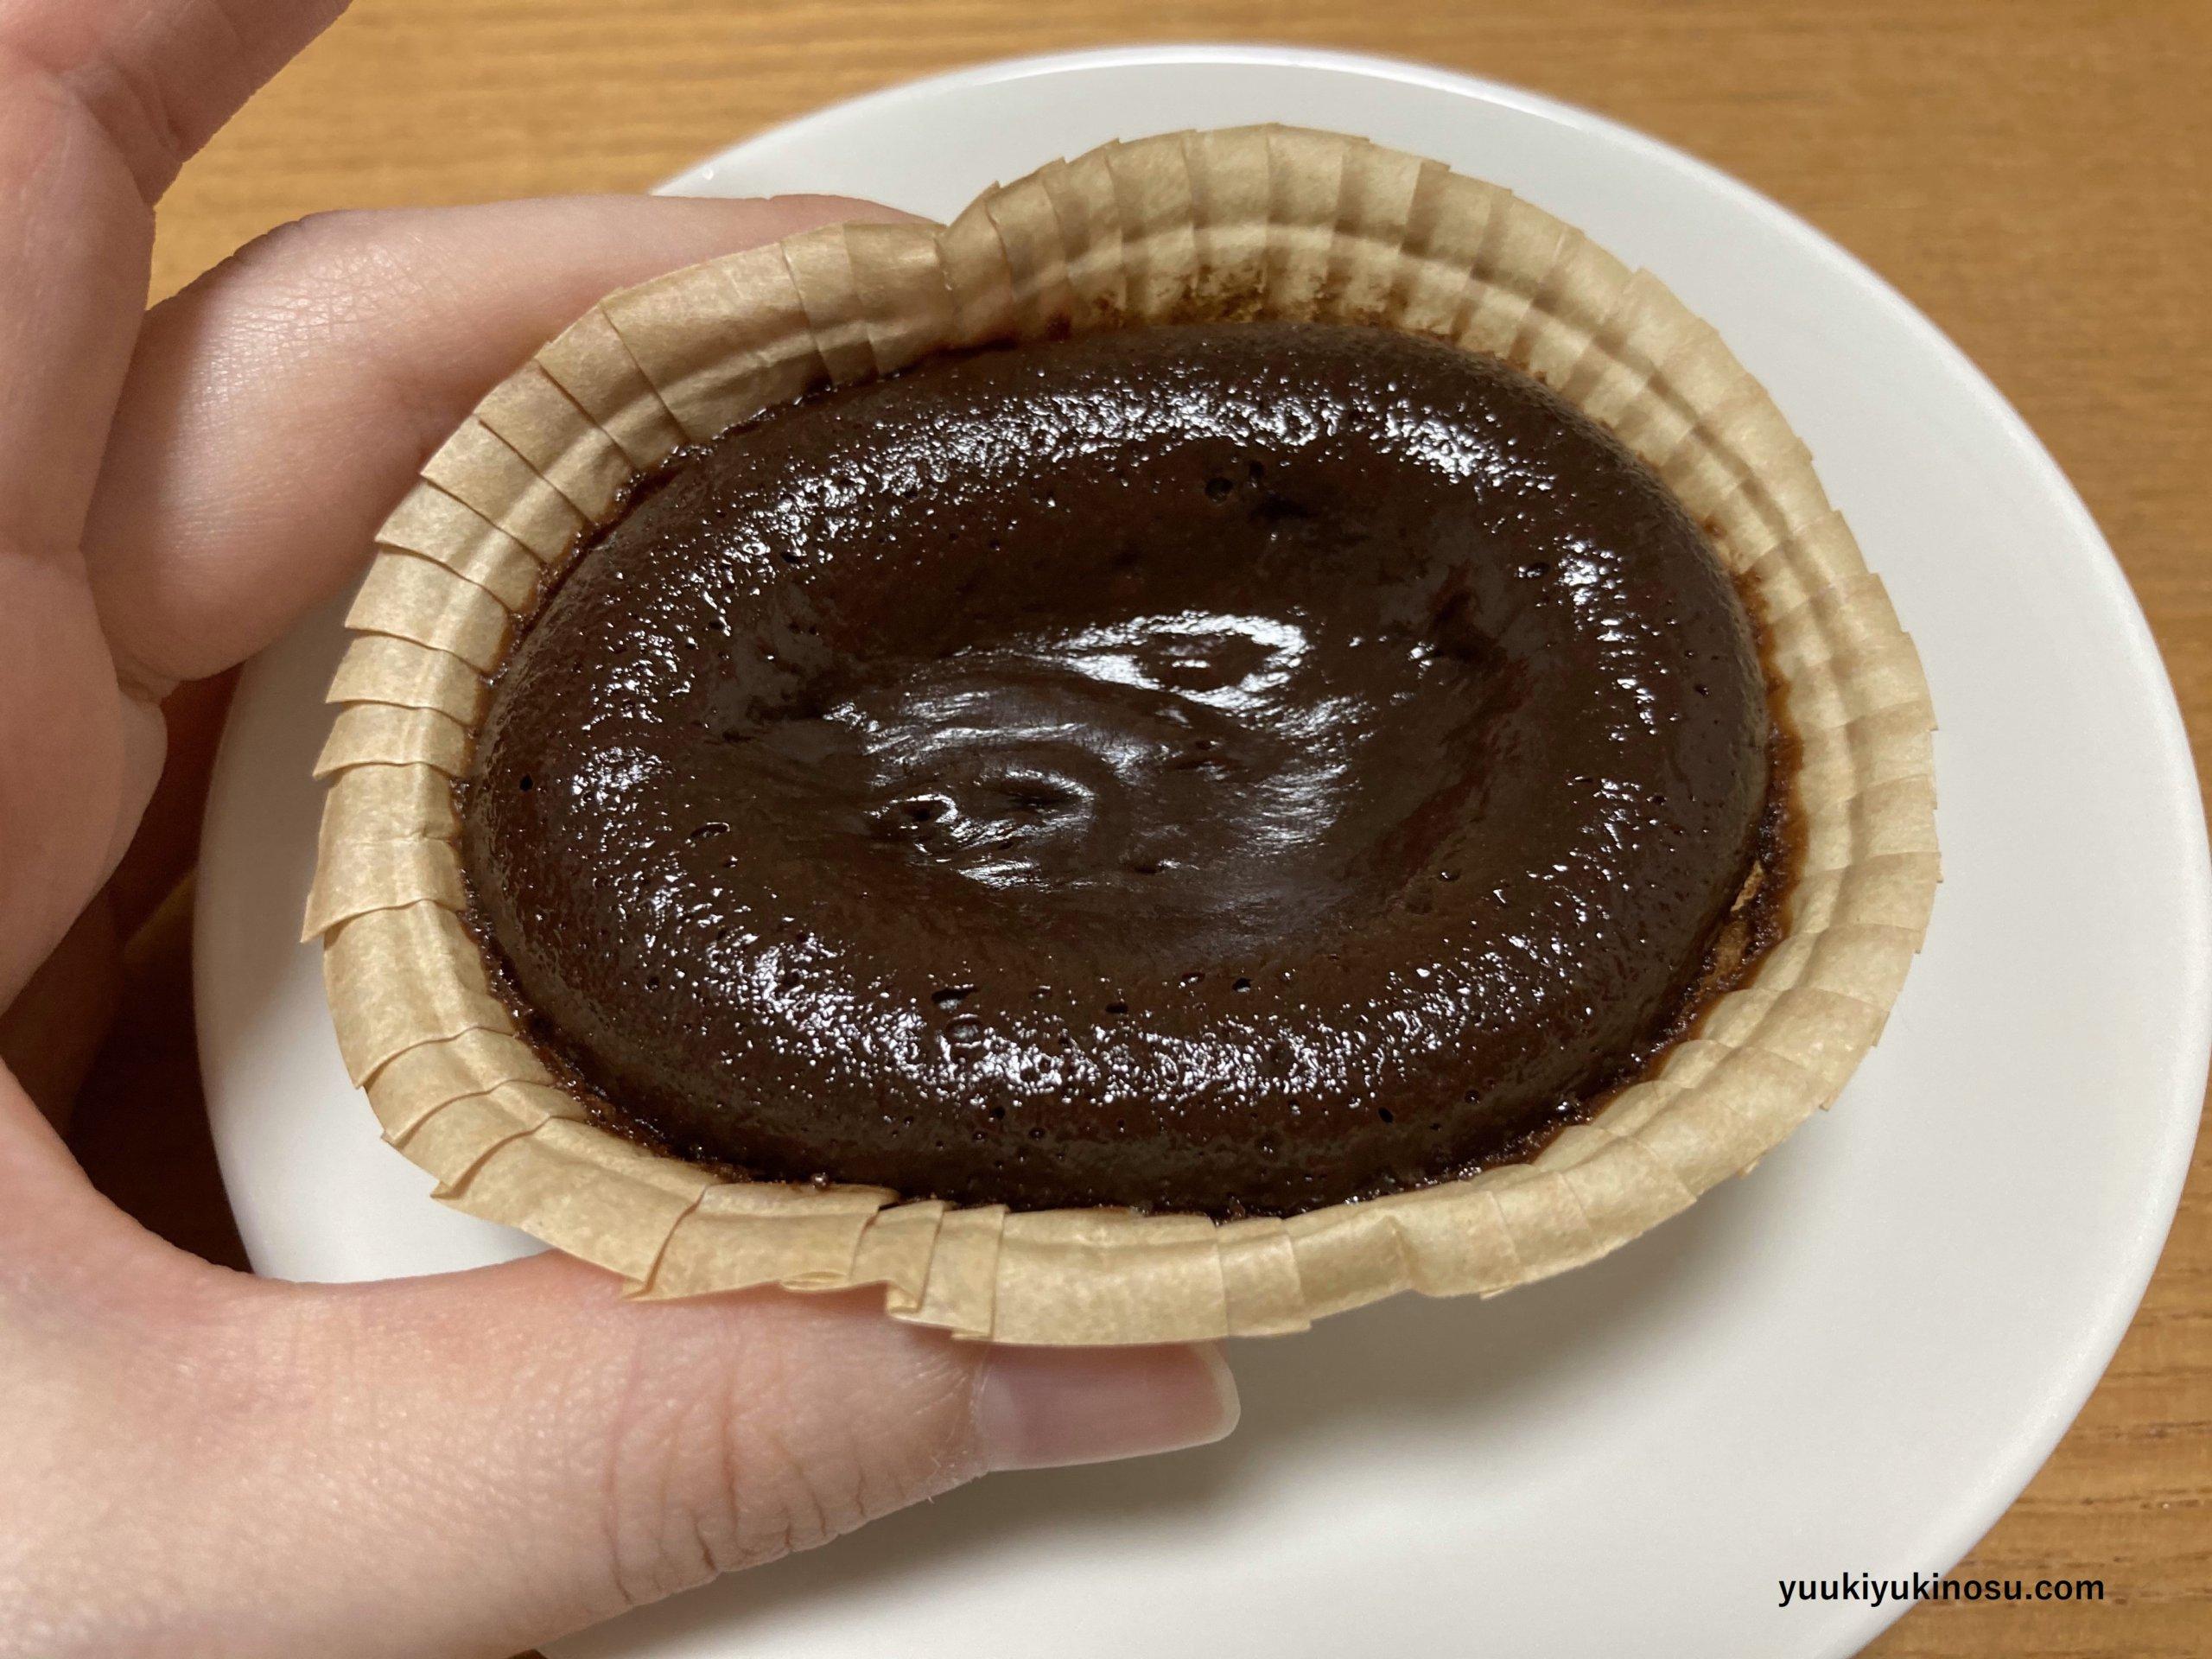 業務スーパー 冷凍 スイーツ チョコ お菓子 フォンダンショコラ チョコケーキ 値段 食べ方 カロリー おすすめ